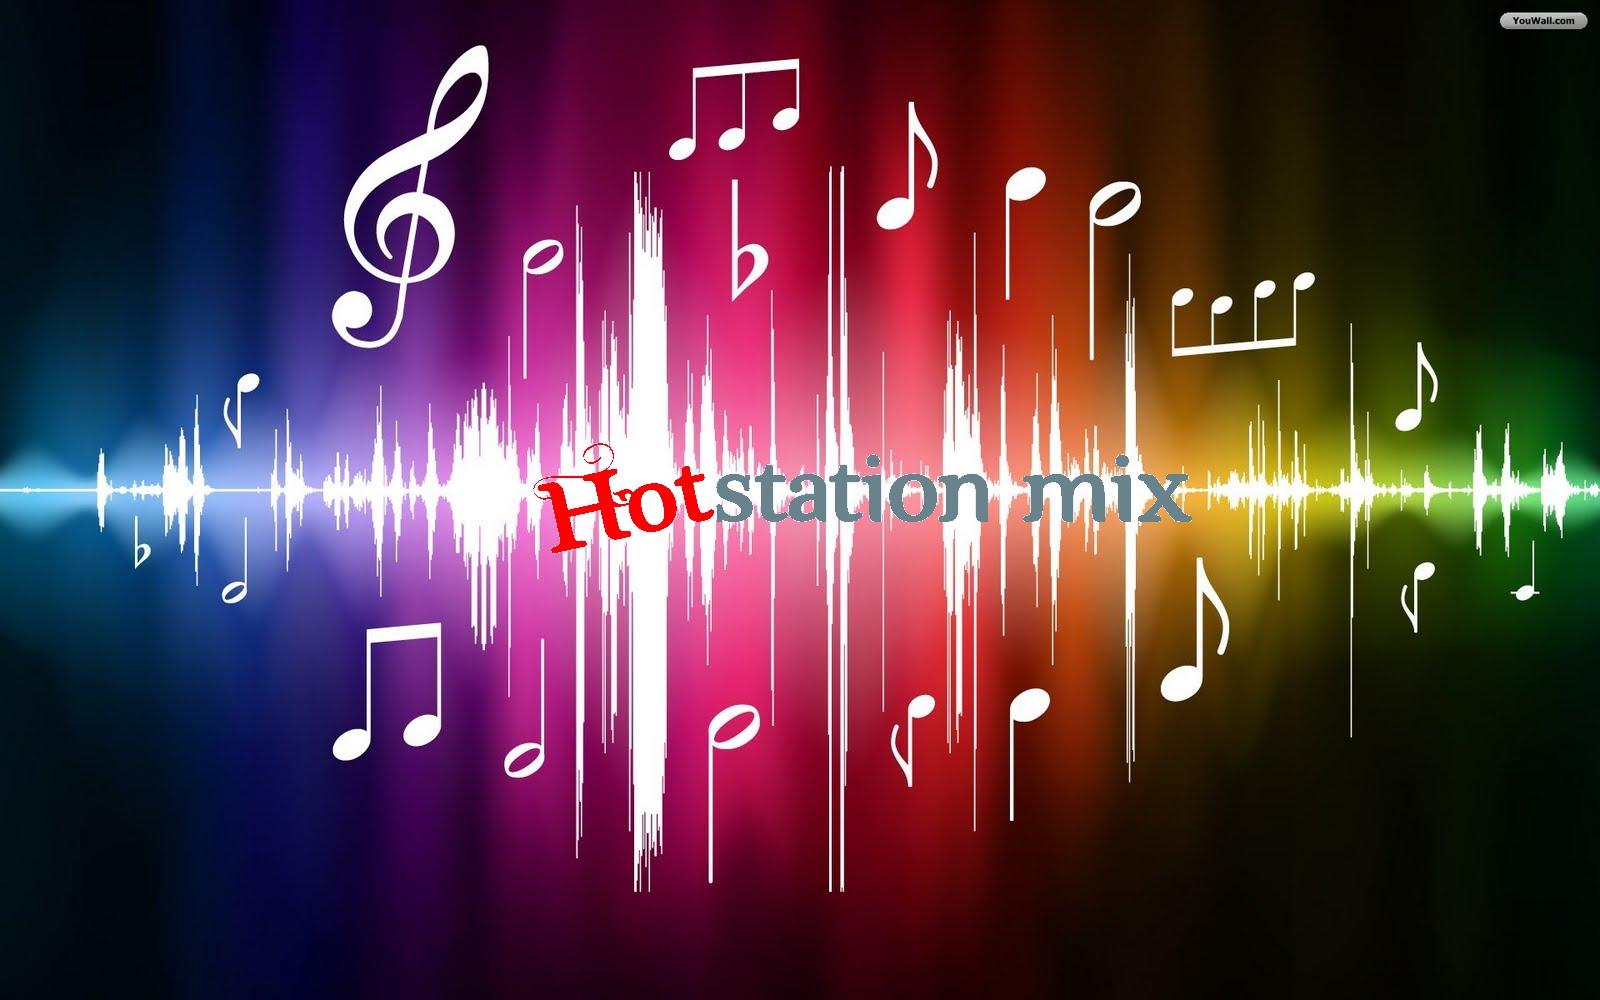 http://4.bp.blogspot.com/-x7YX7tk5NHs/ToOqOBBGF3I/AAAAAAAAAR0/yq3LMDFWXNU/s1600/music_wallpaper_77d7b.jpg